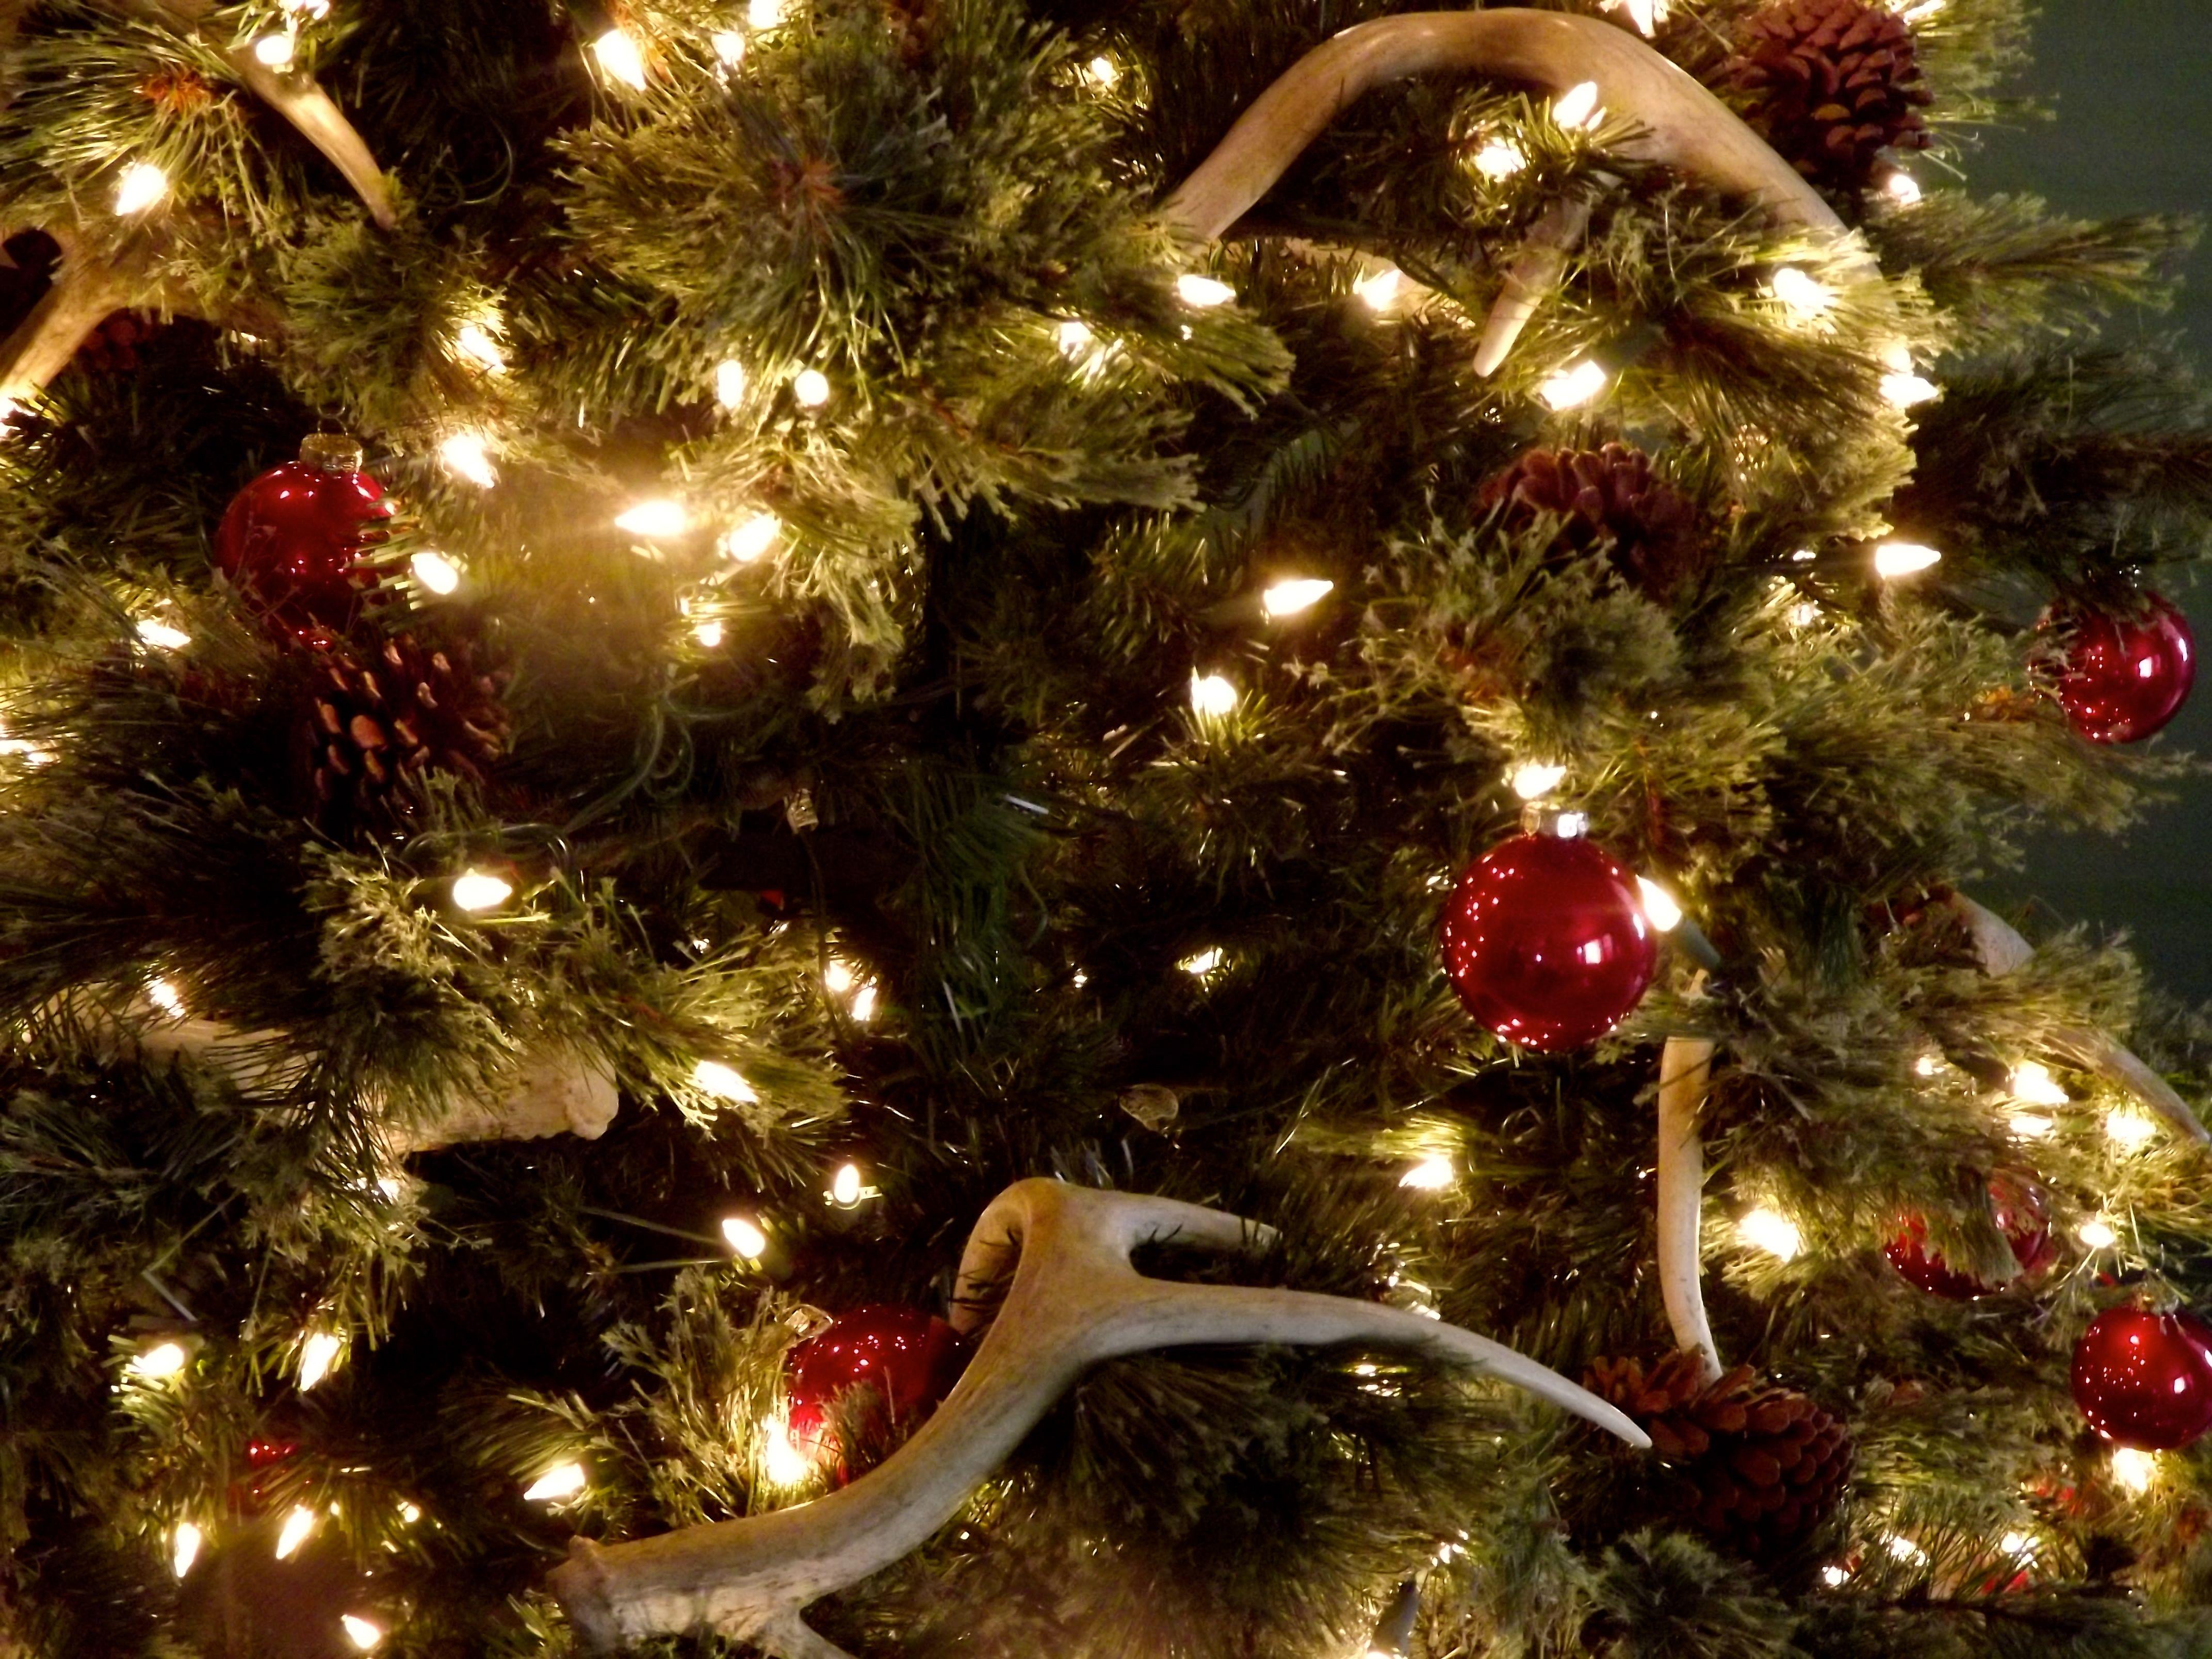 christmas tree 2012 deer antlers pinecones red bulbs - Christmas Tree Bulbs